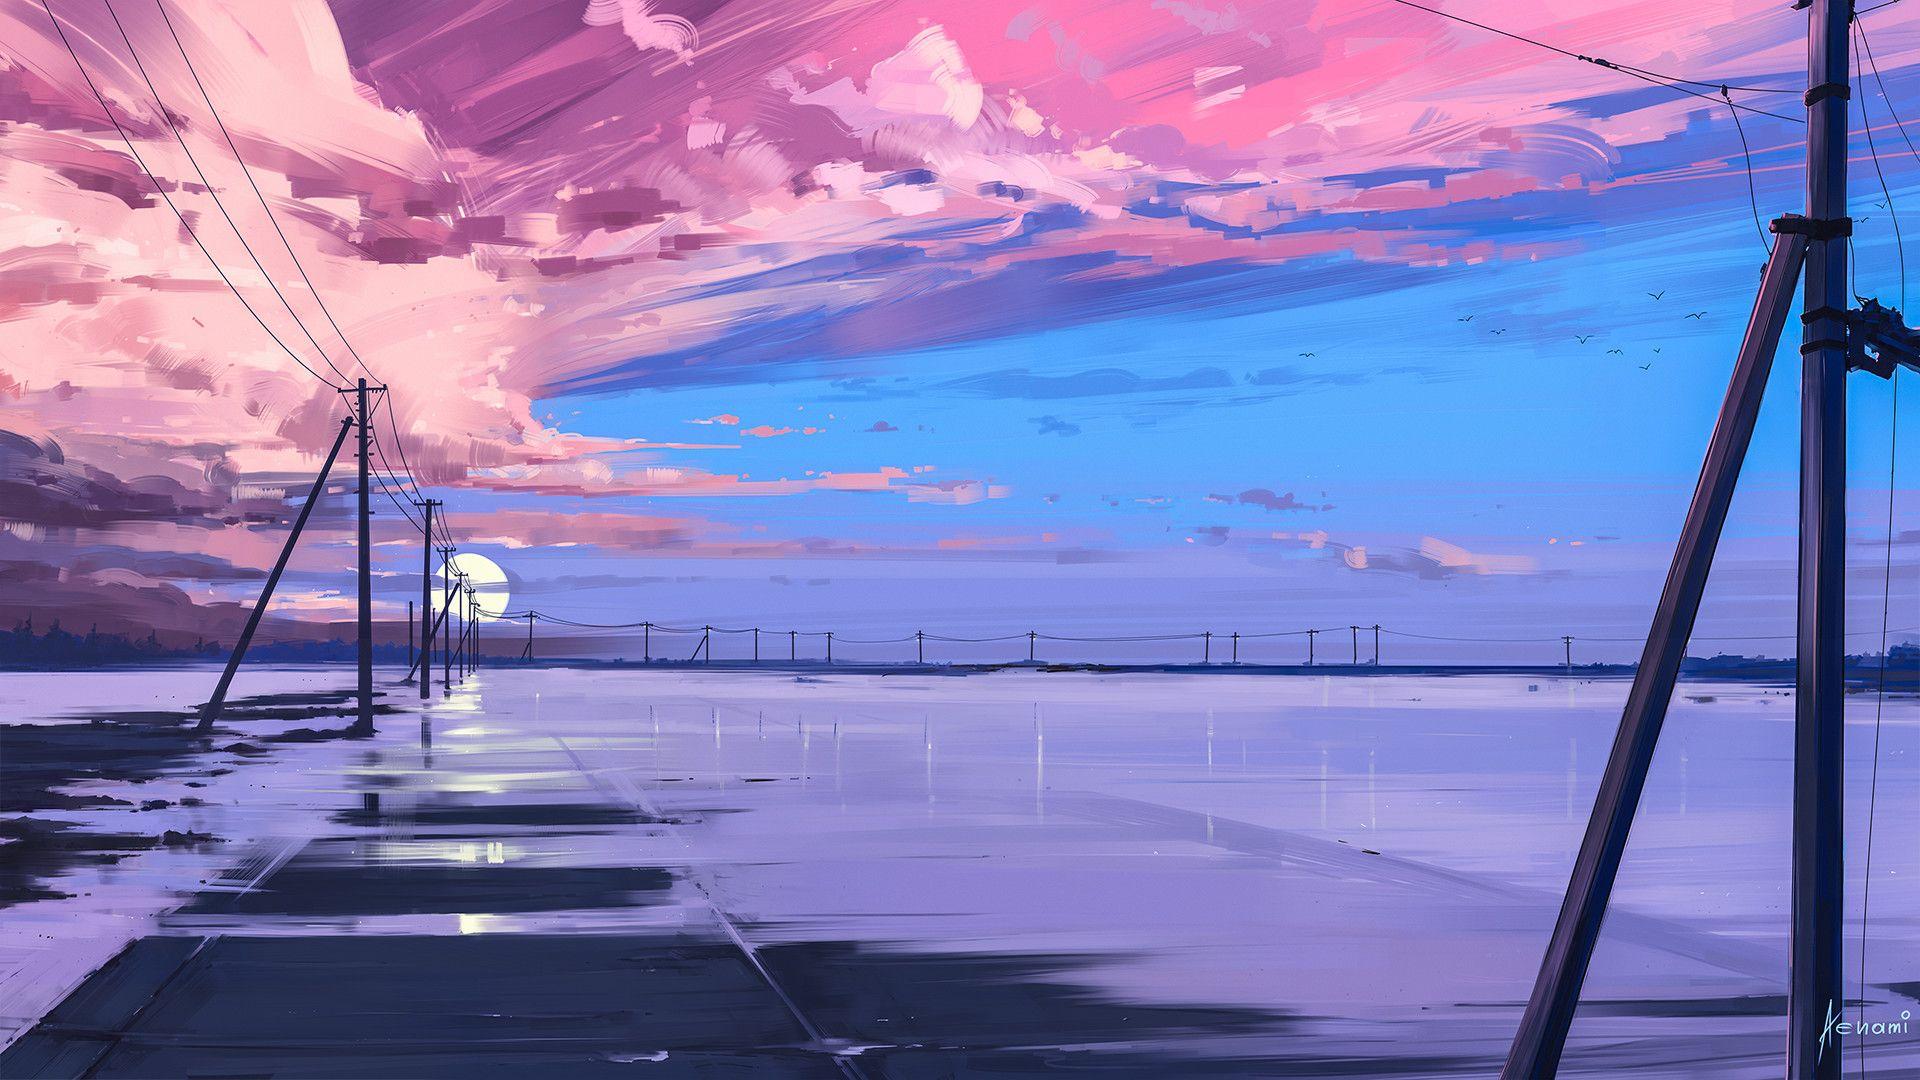 Endless By Alena Aenami 1920x1080 Desktop Wallpaper Art Scenery Wallpaper Anime Scenery Wallpaper